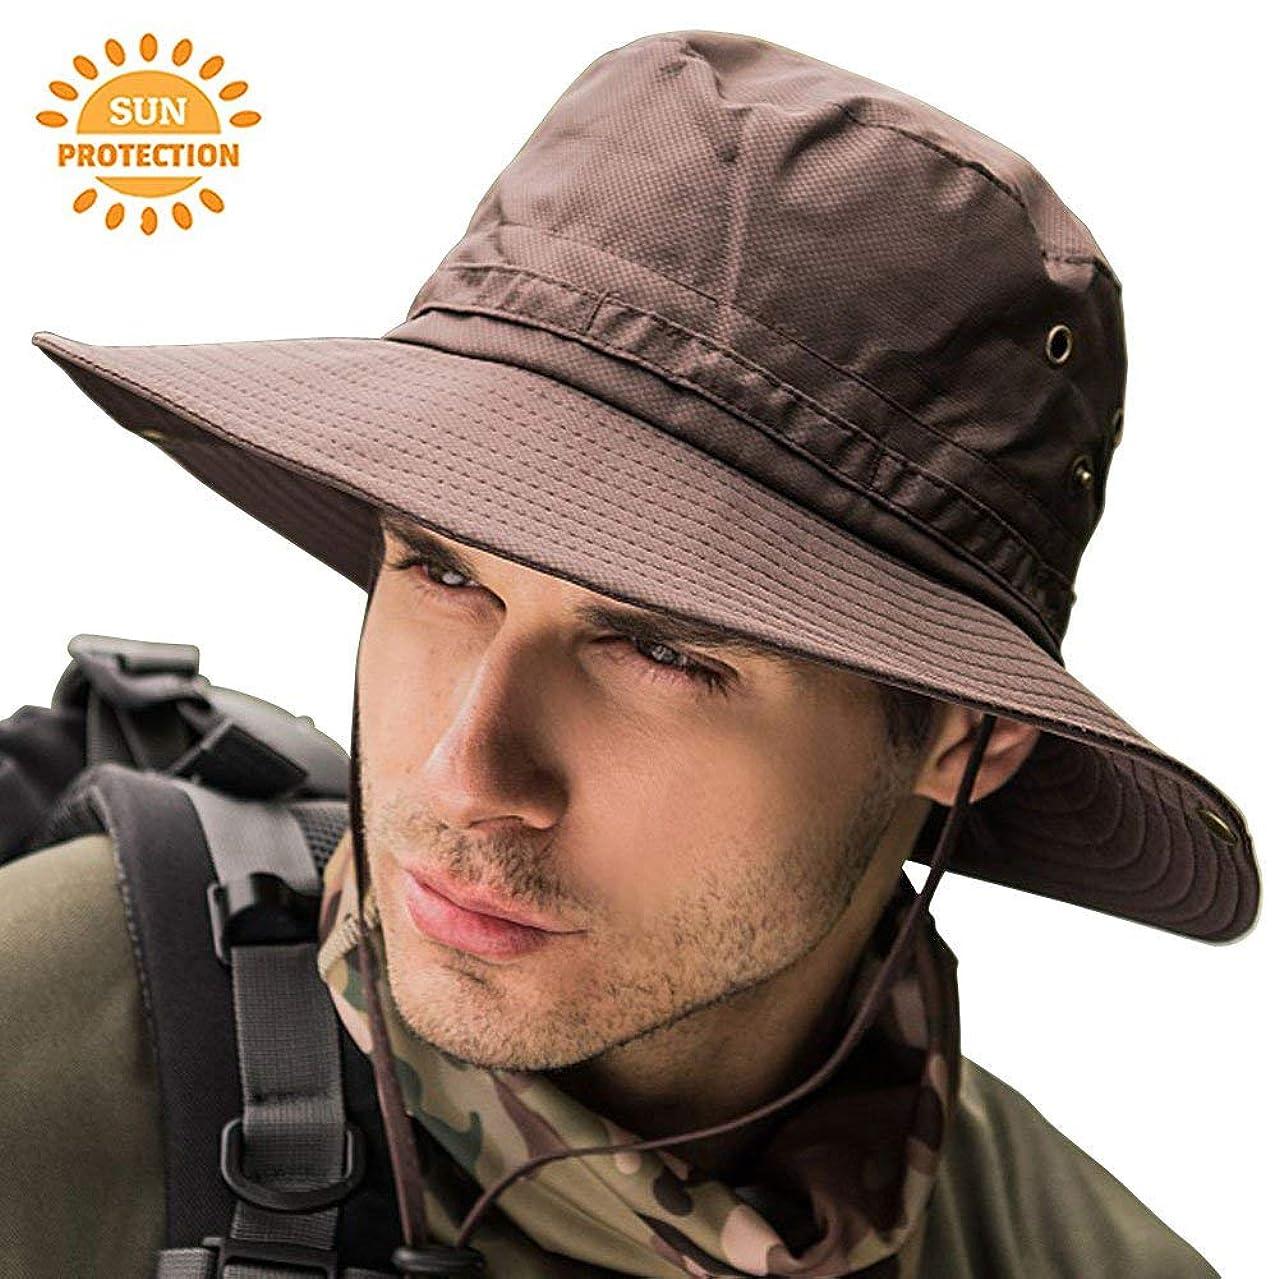 グッゲンハイム美術館モニター知っているに立ち寄るオルルド釣具 UVカット日よけ帽子【全9色】 360度紫外線をカット?首までガード 紫外線対策?熱中症対策?日焼け防止に 4way フェイスカバー?日よけ付き